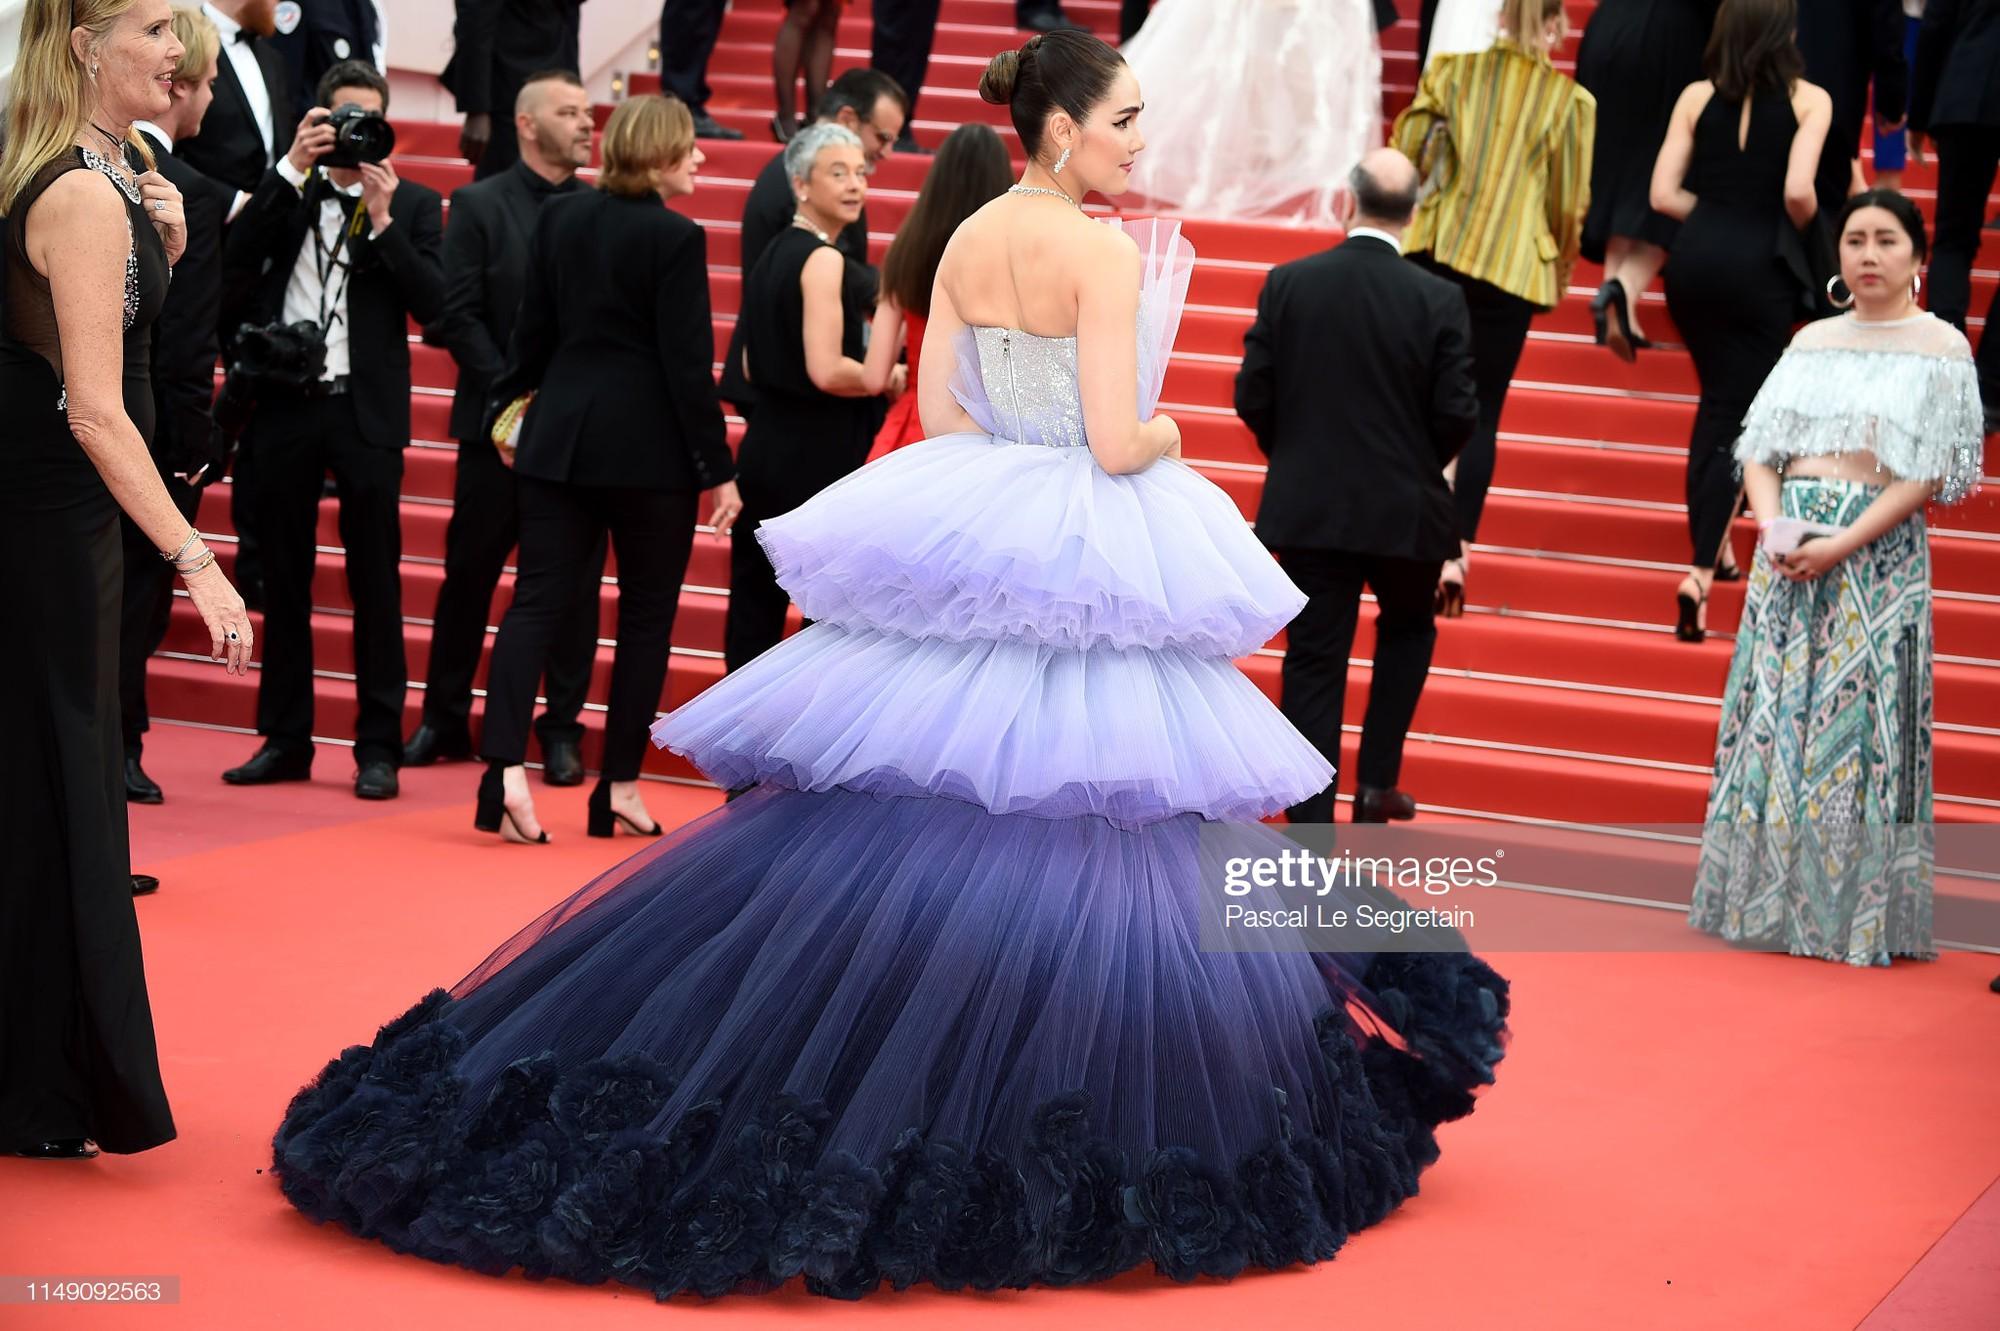 Cannes ngày đầu tiên: Phạm Băng Băng Thái Lan mới chính là mỹ nhân châu Á chặt chém nhất với thần thái bức người - Ảnh 9.